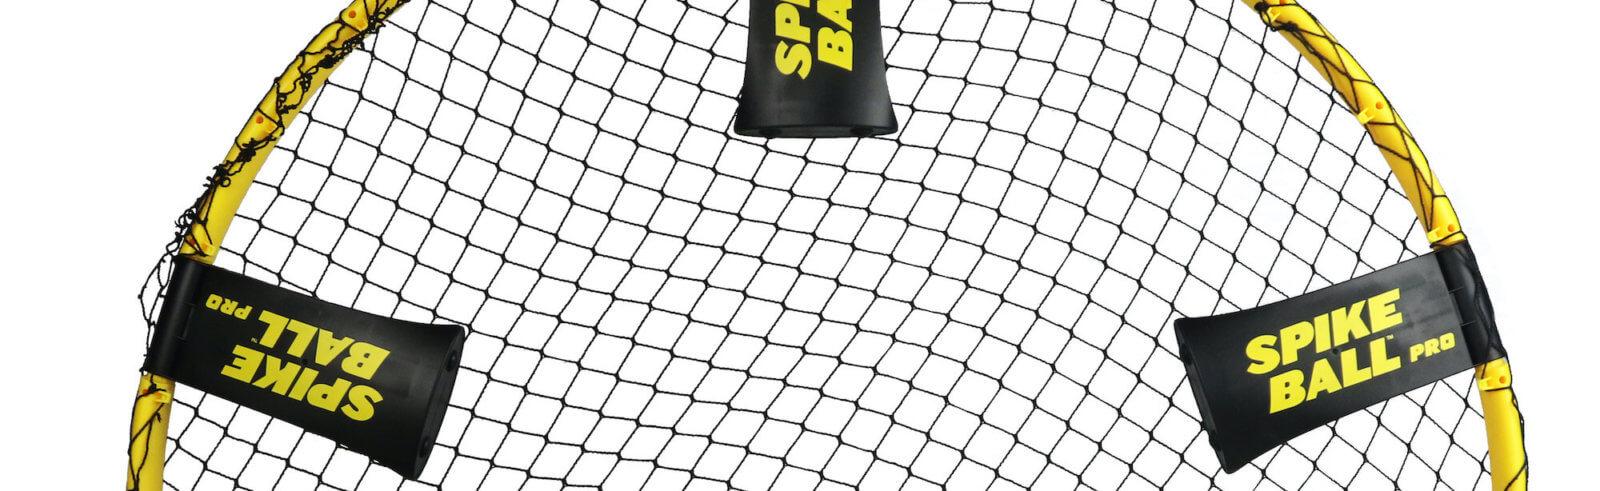 Eingeklappte Beine beim Spikeball™ Standard Set